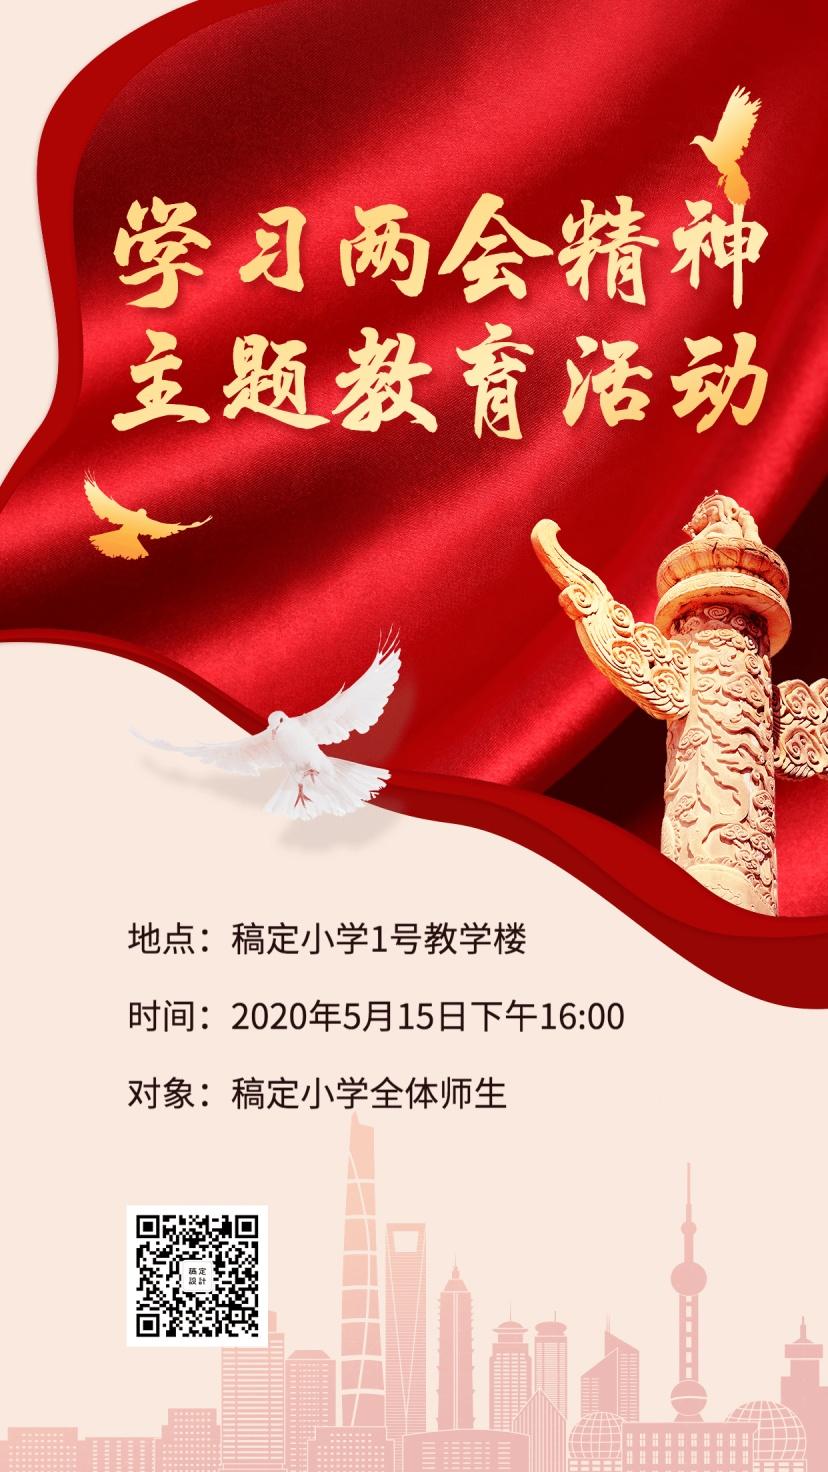 两会精神教育活动党政风手机海报